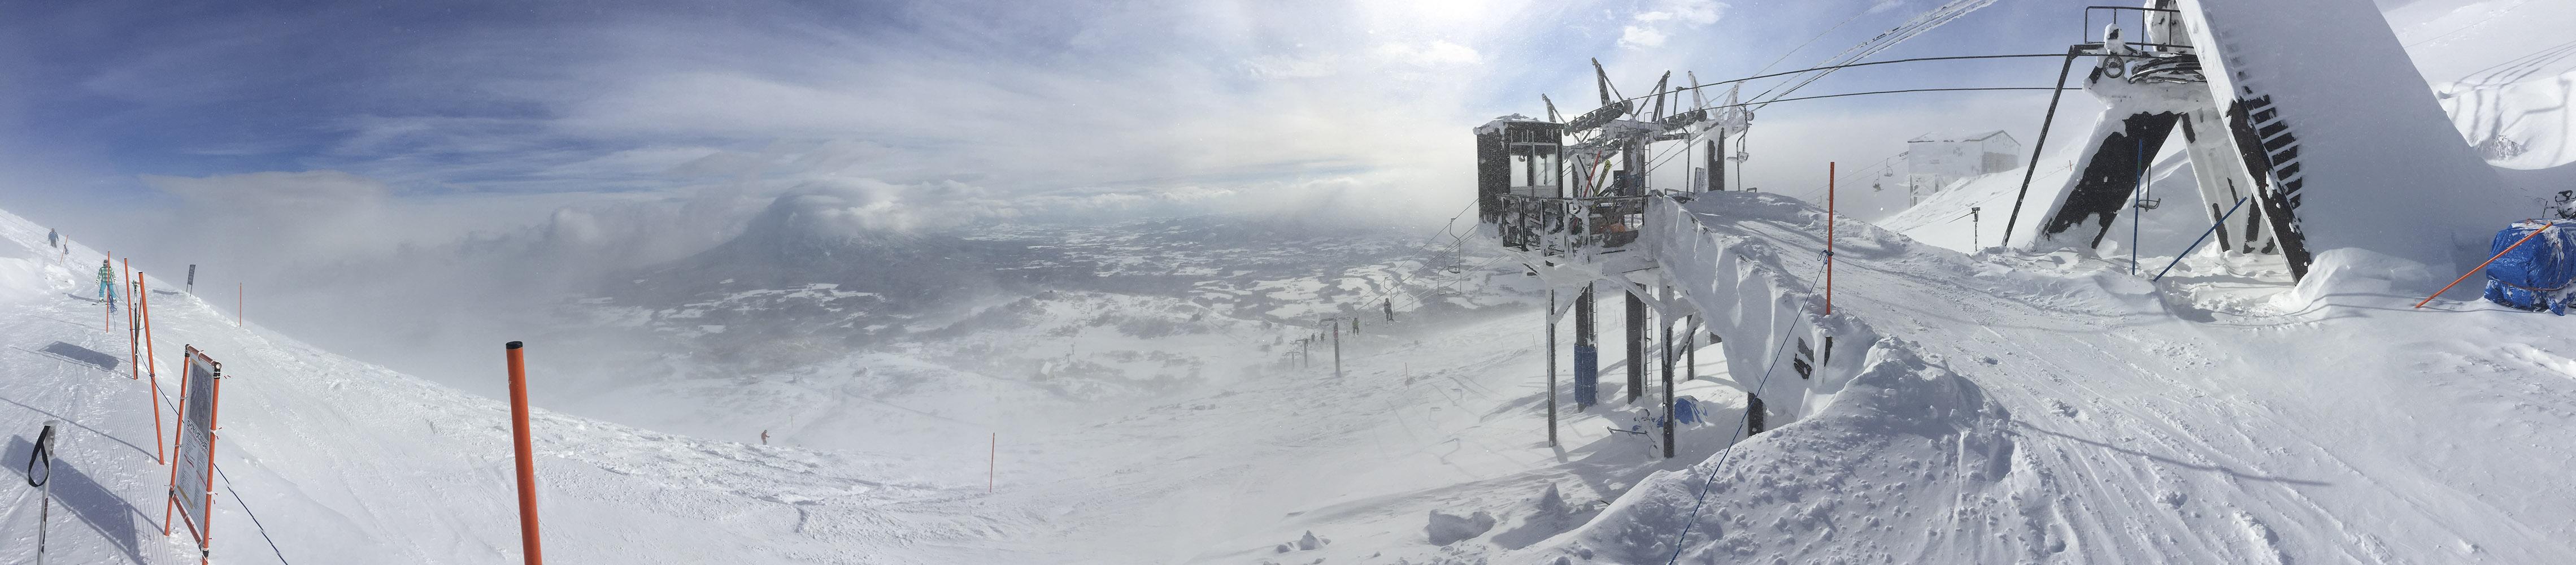 Snowboarding View from Niseko Peak